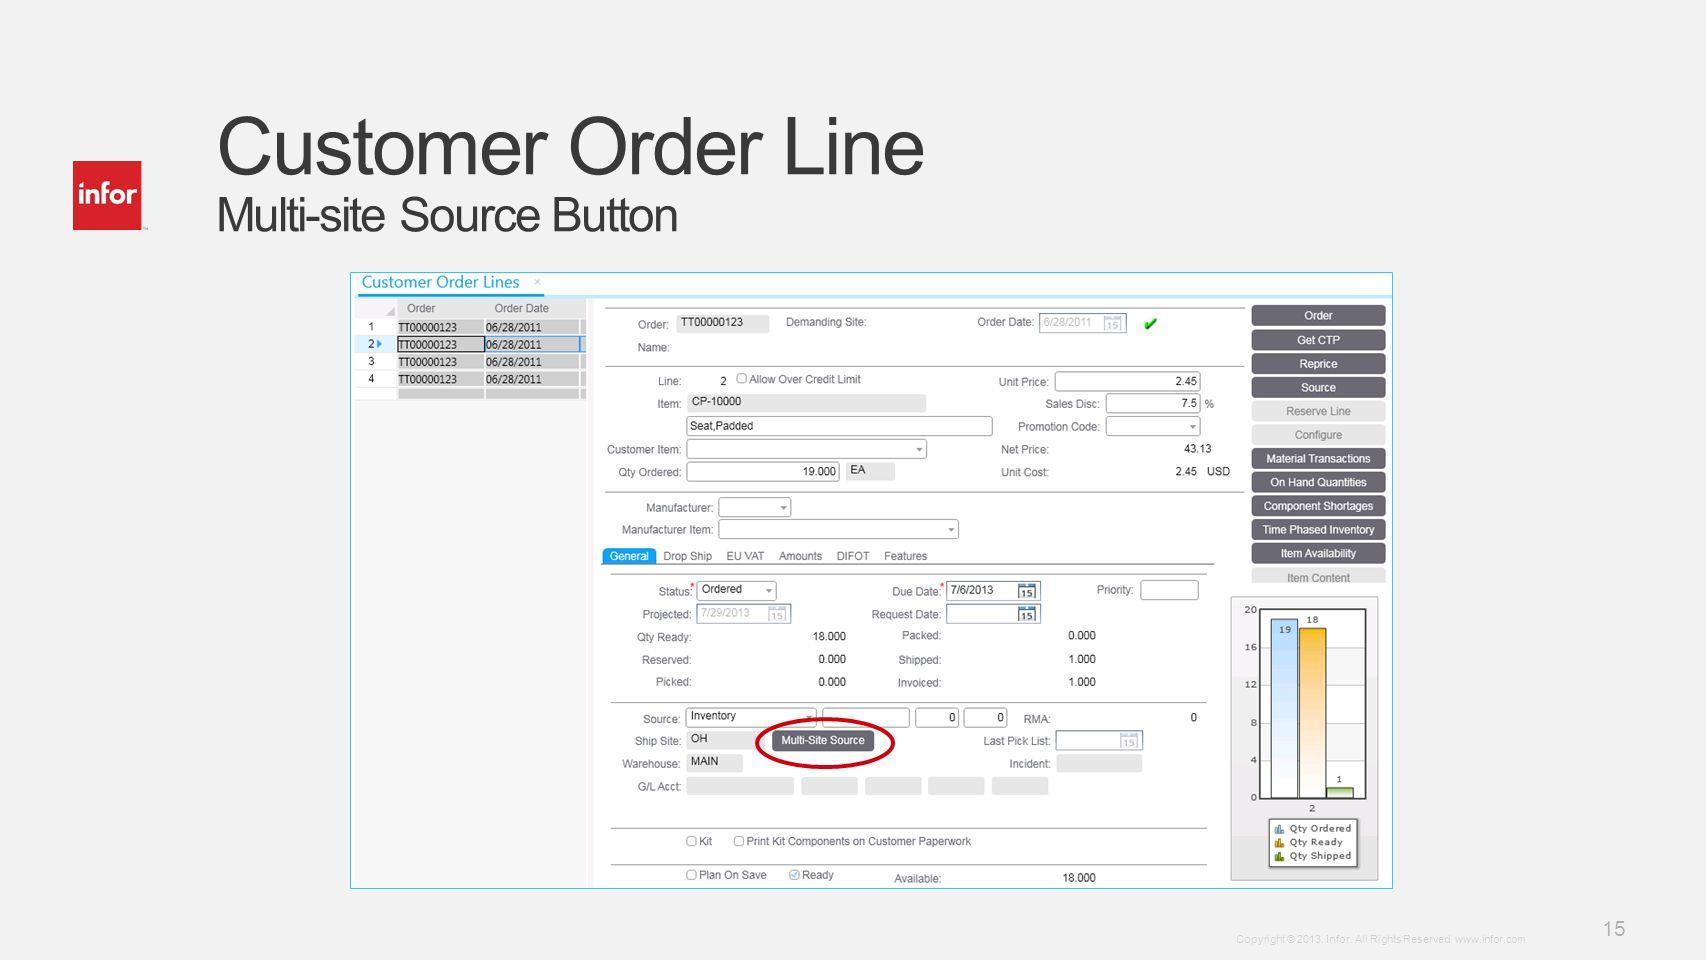 Customer Order Line Multi-site Source Button